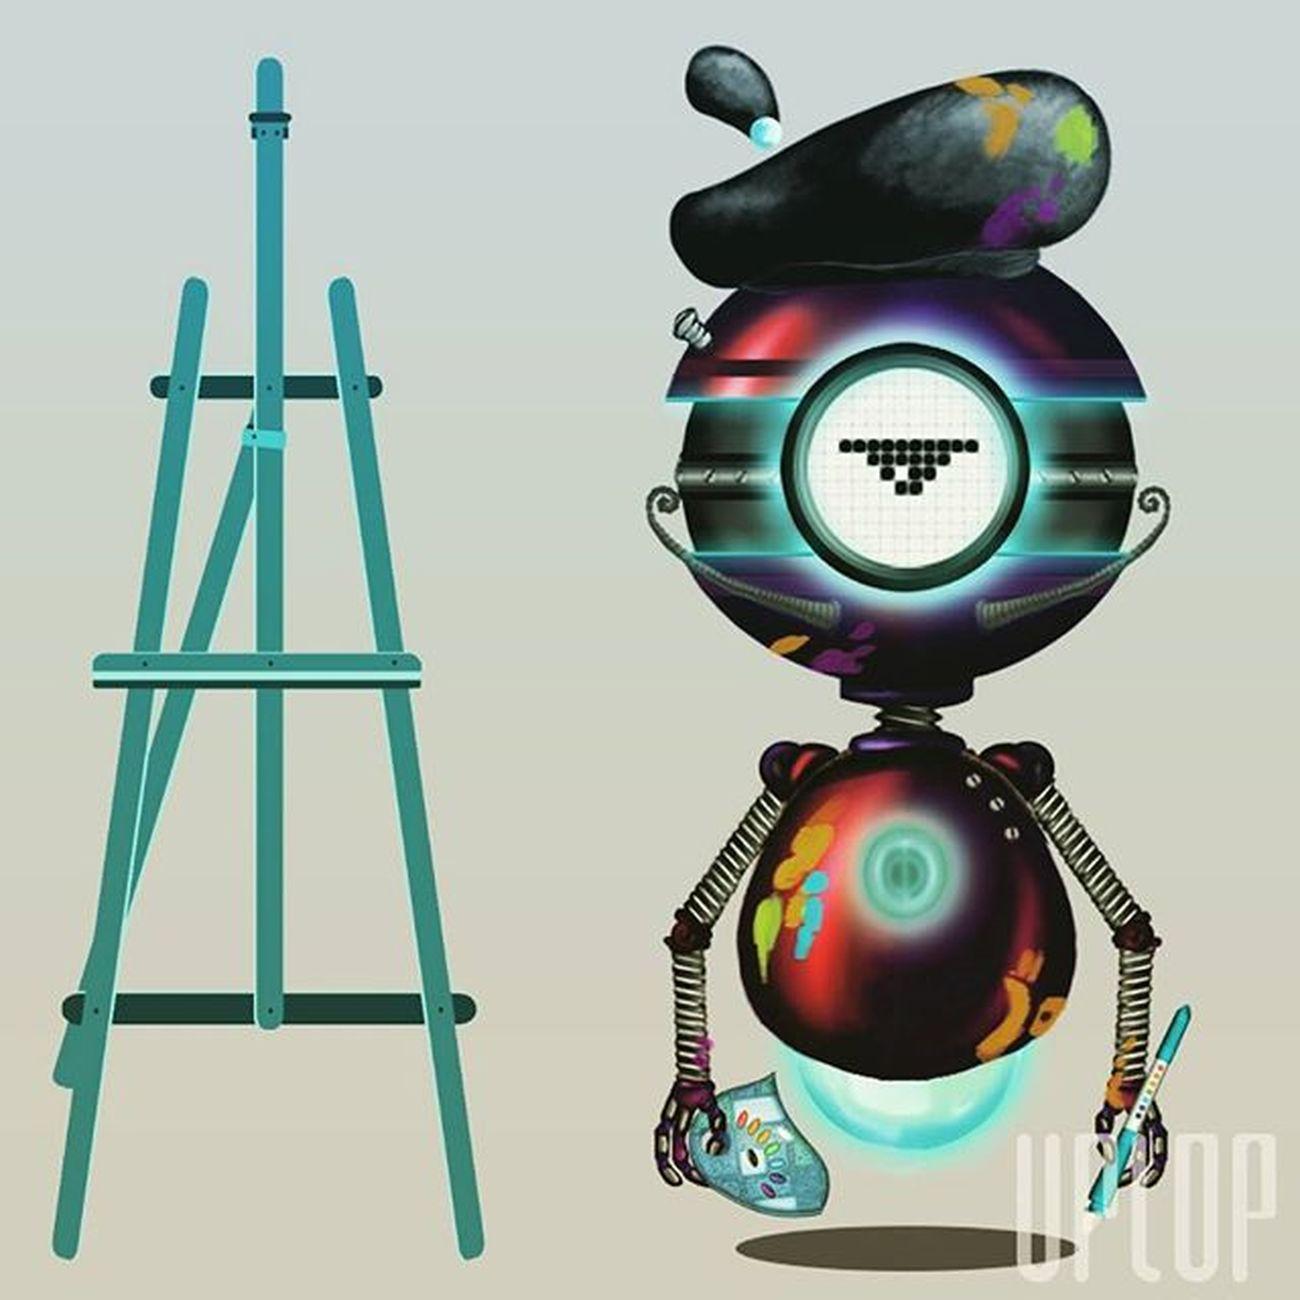 Uno de mis diseños de personajes en el departamento de arte para la serie Tec+, producida por nuestro estudio Uplop Art Animation Studio Illustration Robot Project Technology Tec Sketch 3D 2d Work Photoshop Illustrator IgersVenezuela Igersmerida